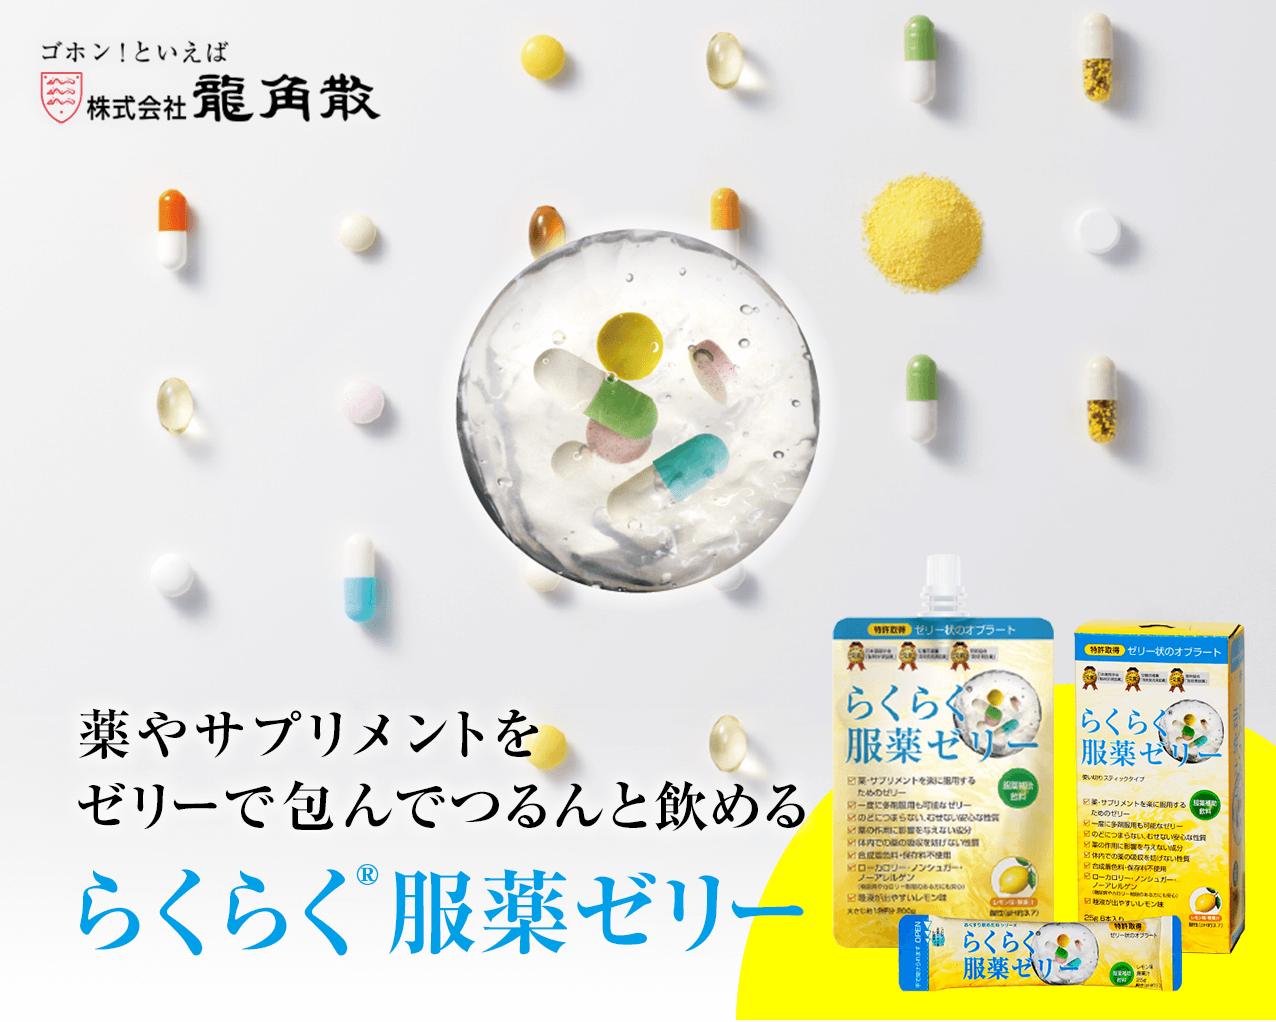 薬やサプリメントがつるんとまとめて飲める龍角散 らくらく®服薬ゼリー